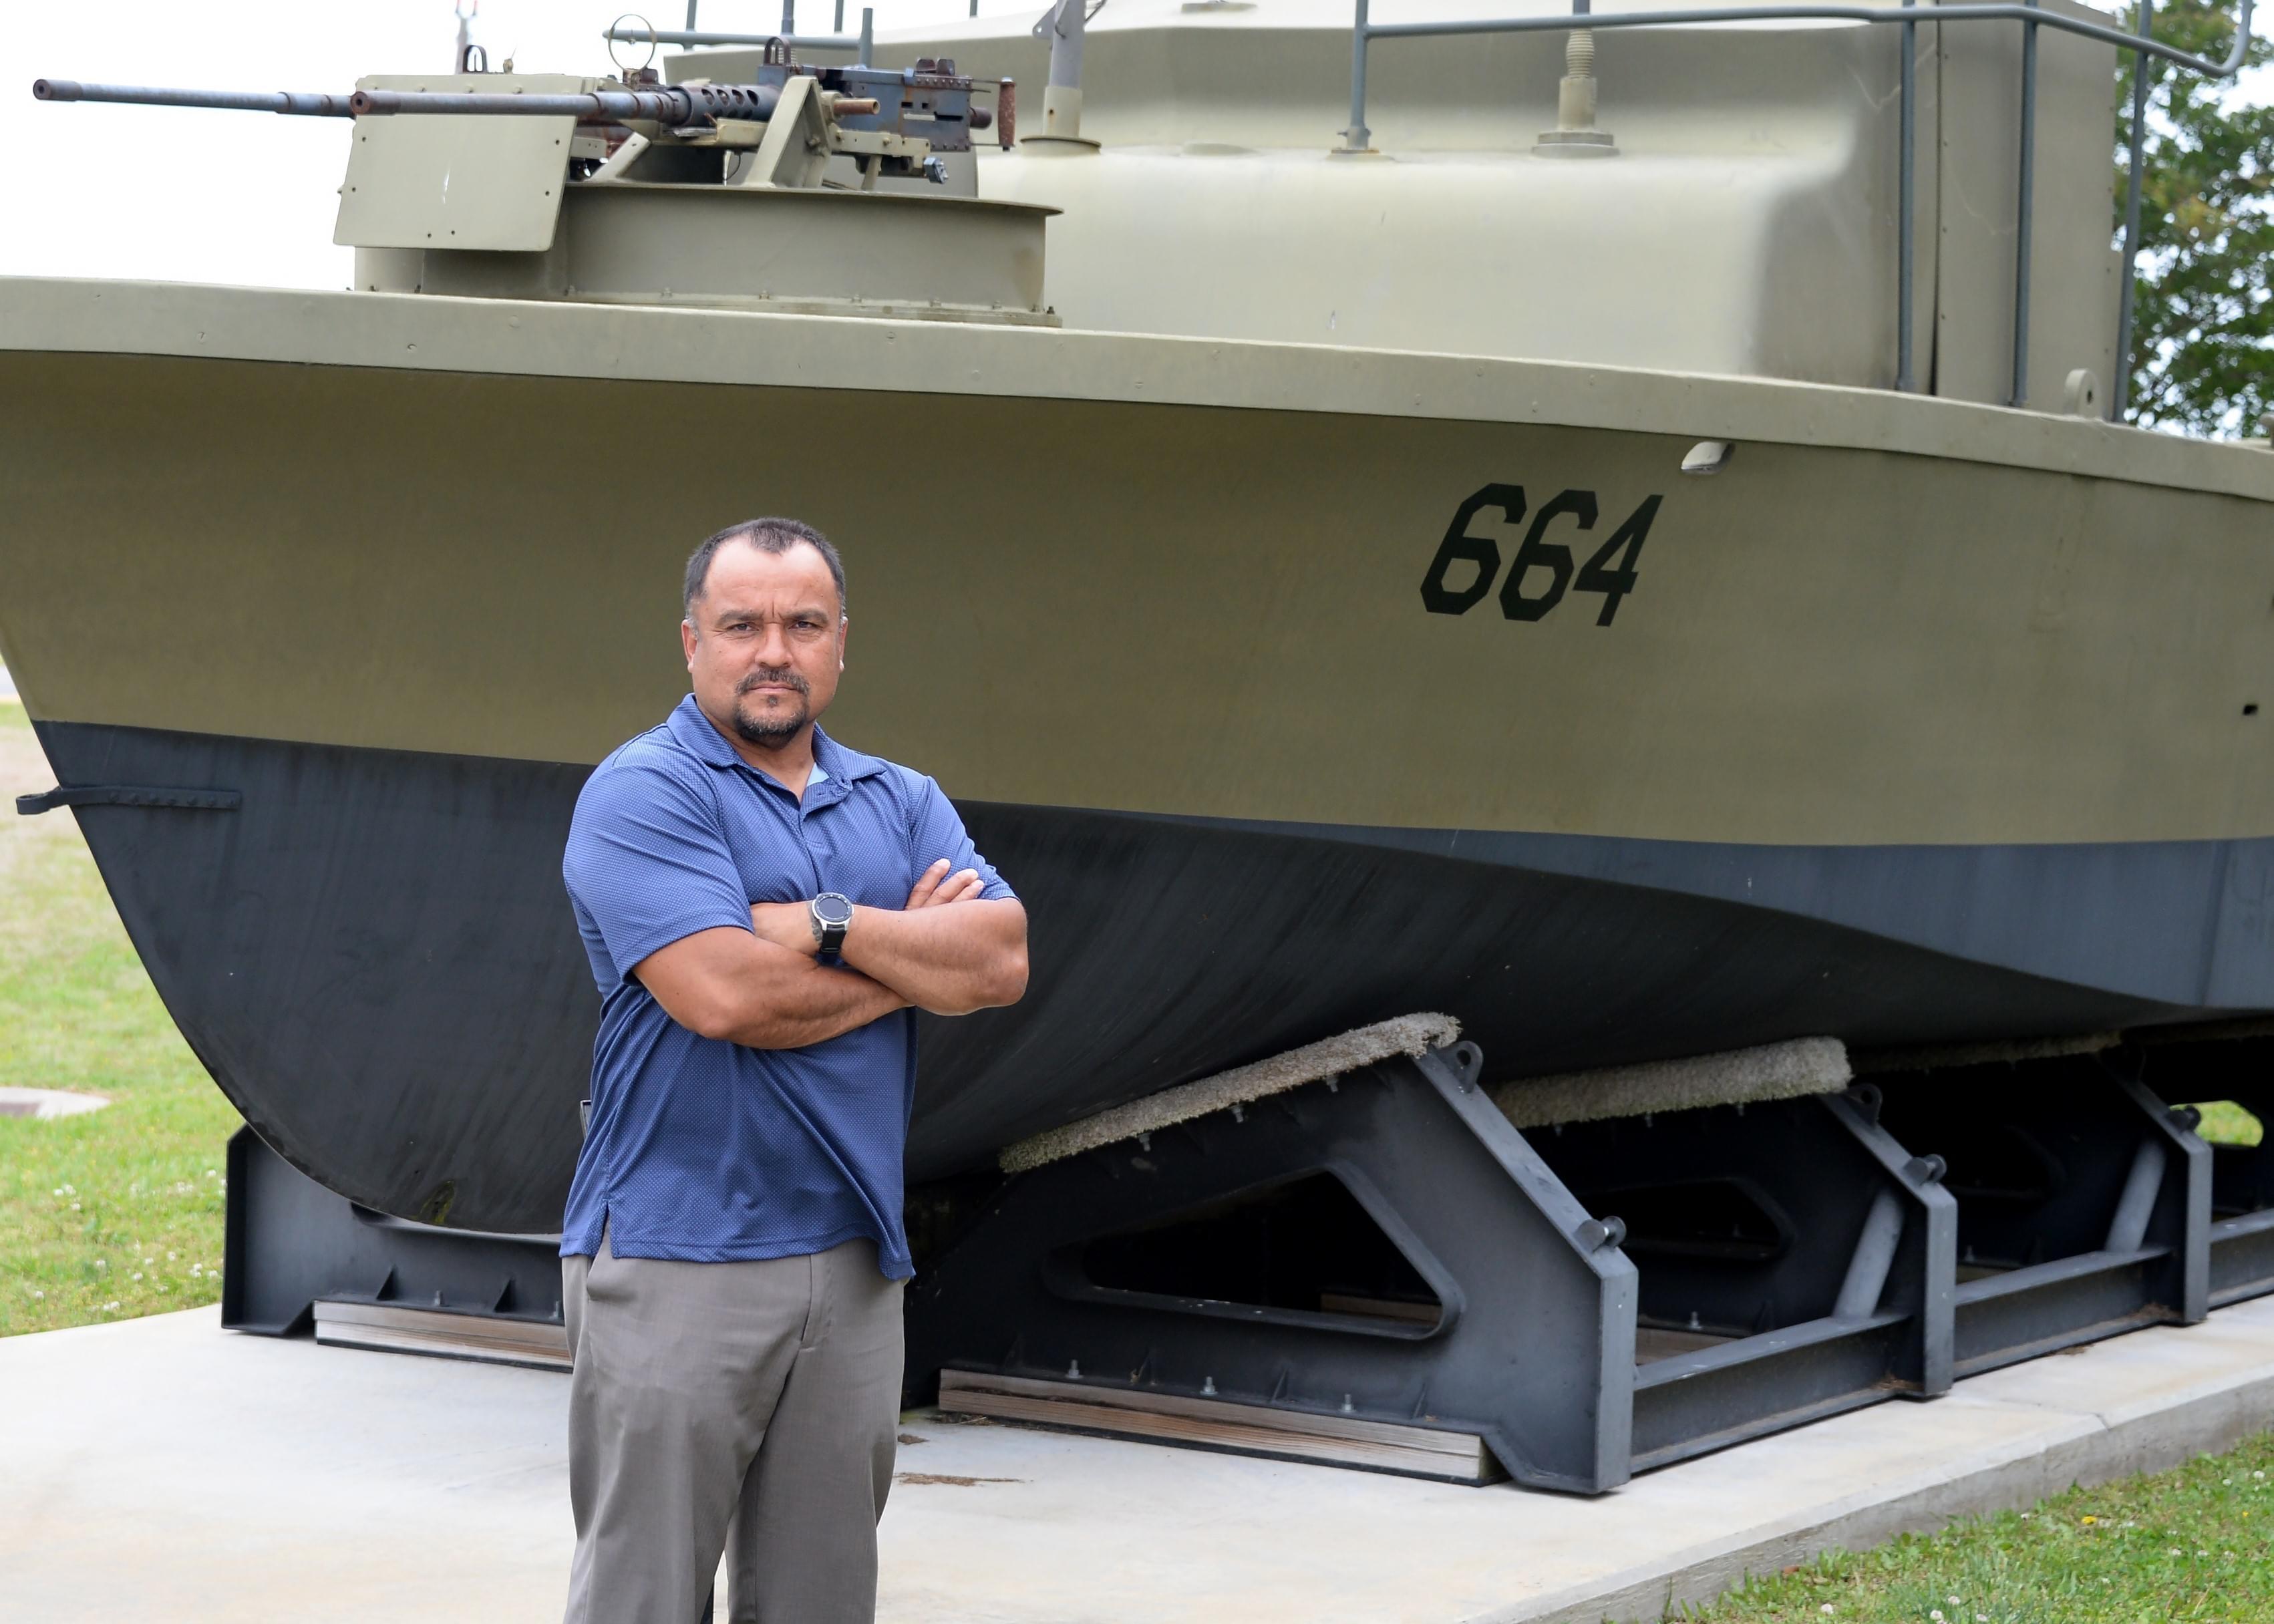 NECC Boat Type Desk Officer Receives Award